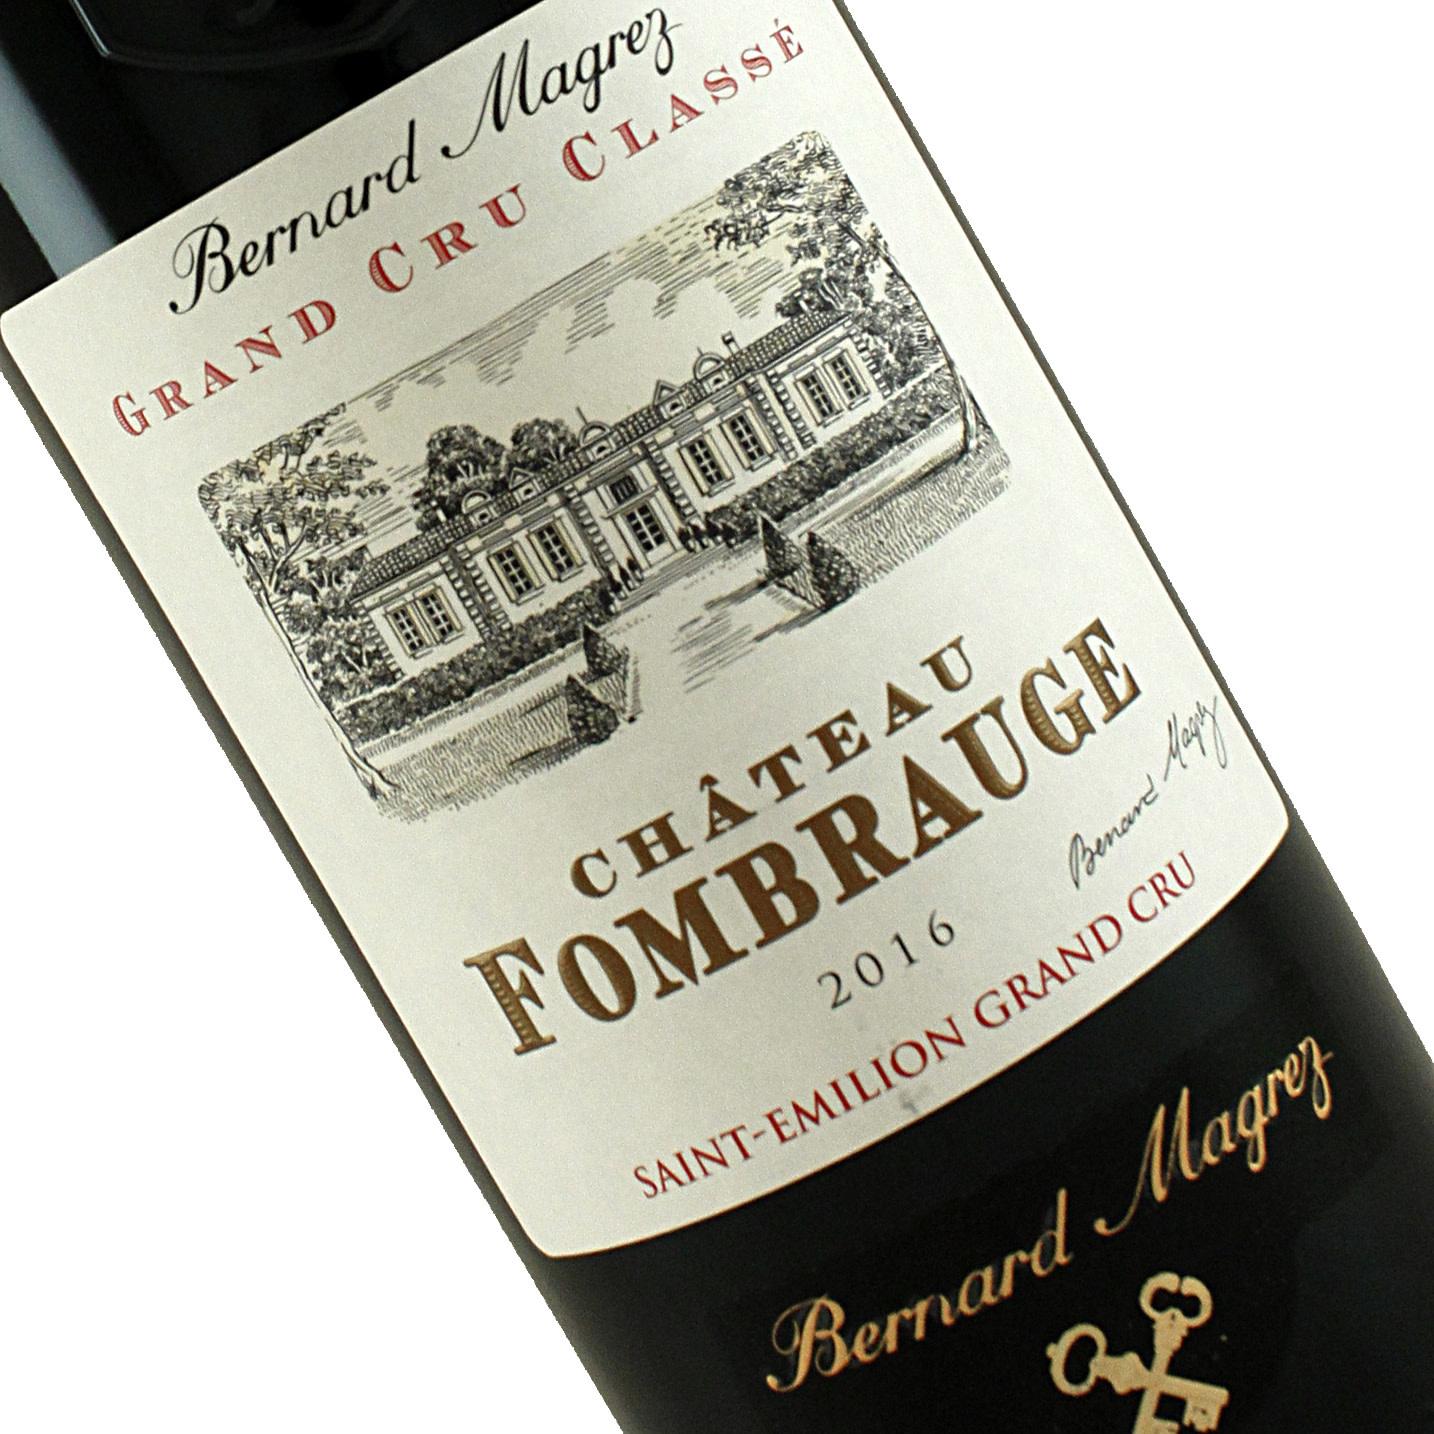 Chateau Fombrauge 2016 Saint-Emilion Grand Cru Bordeaux